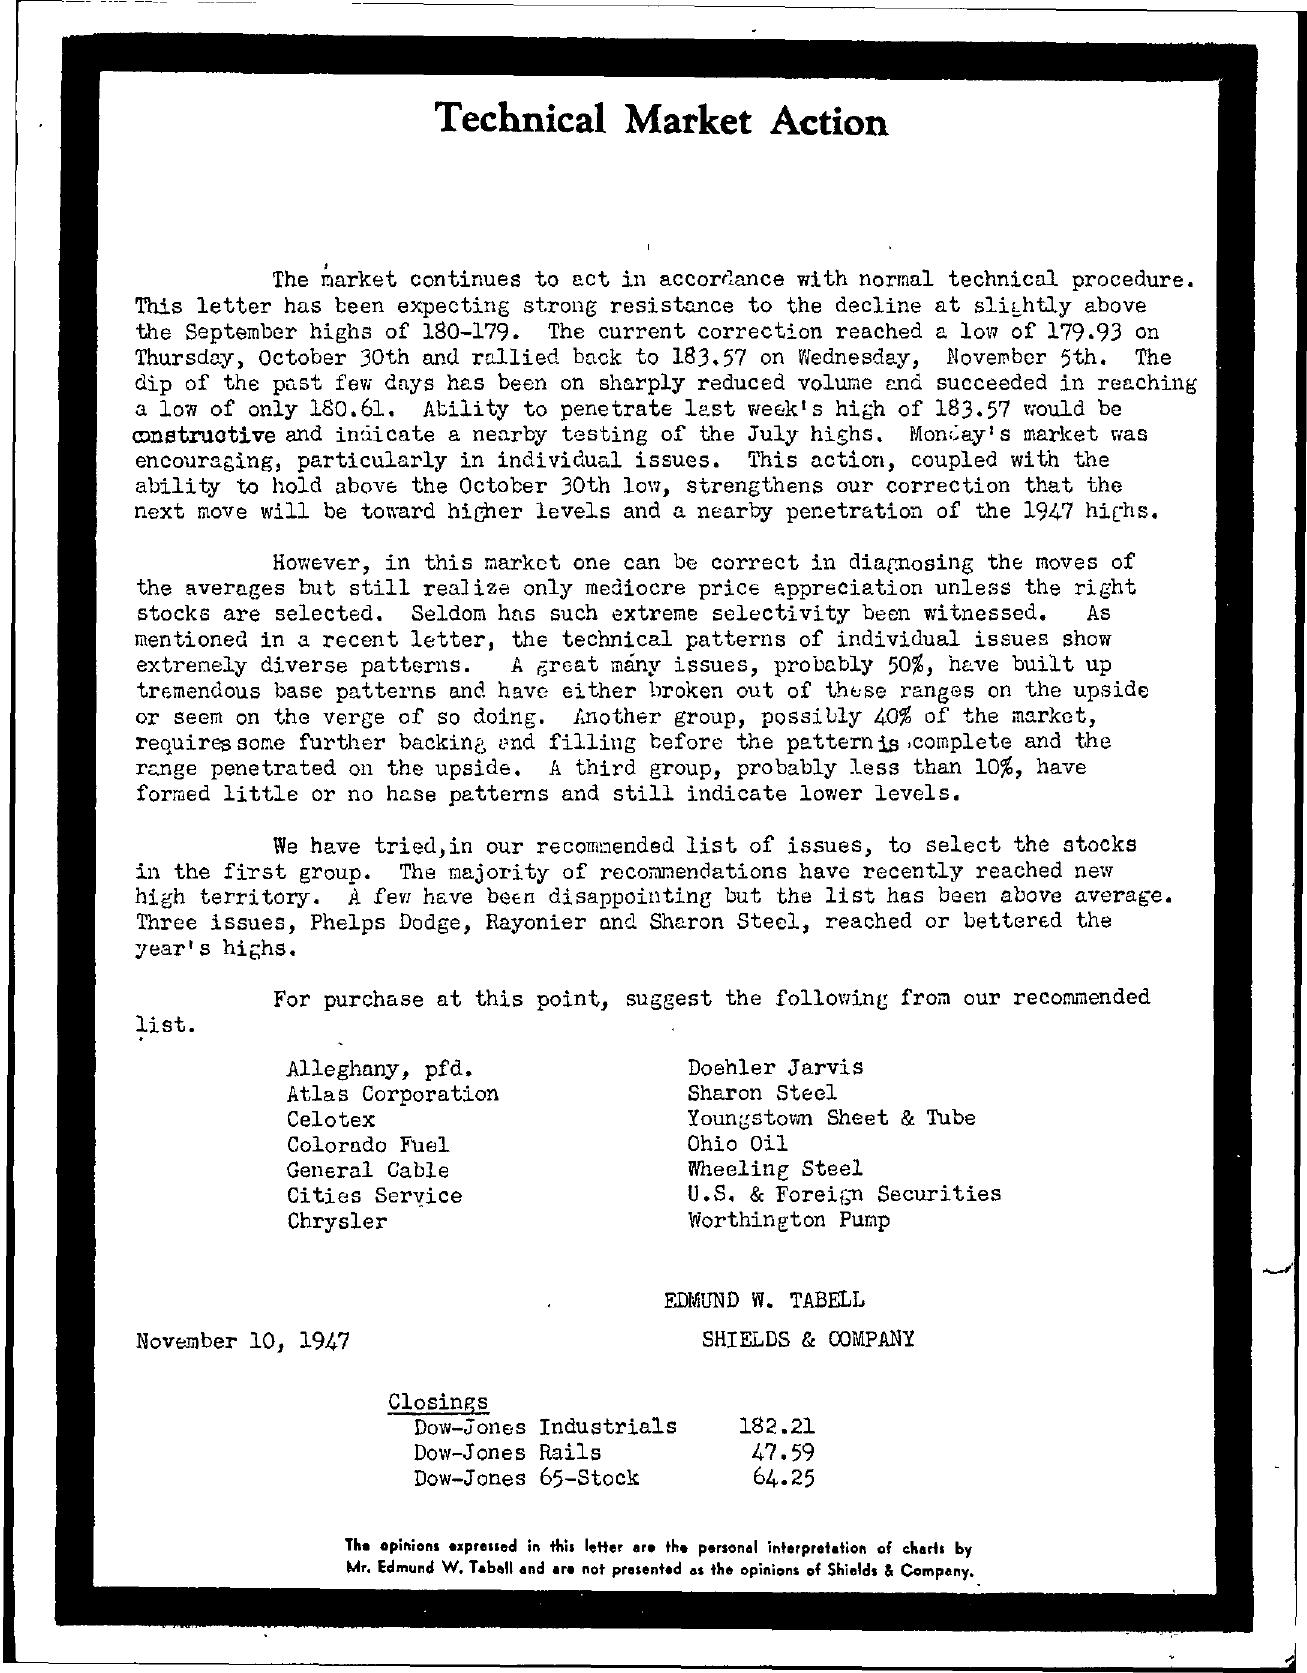 Tabell's Market Letter - November 10, 1947